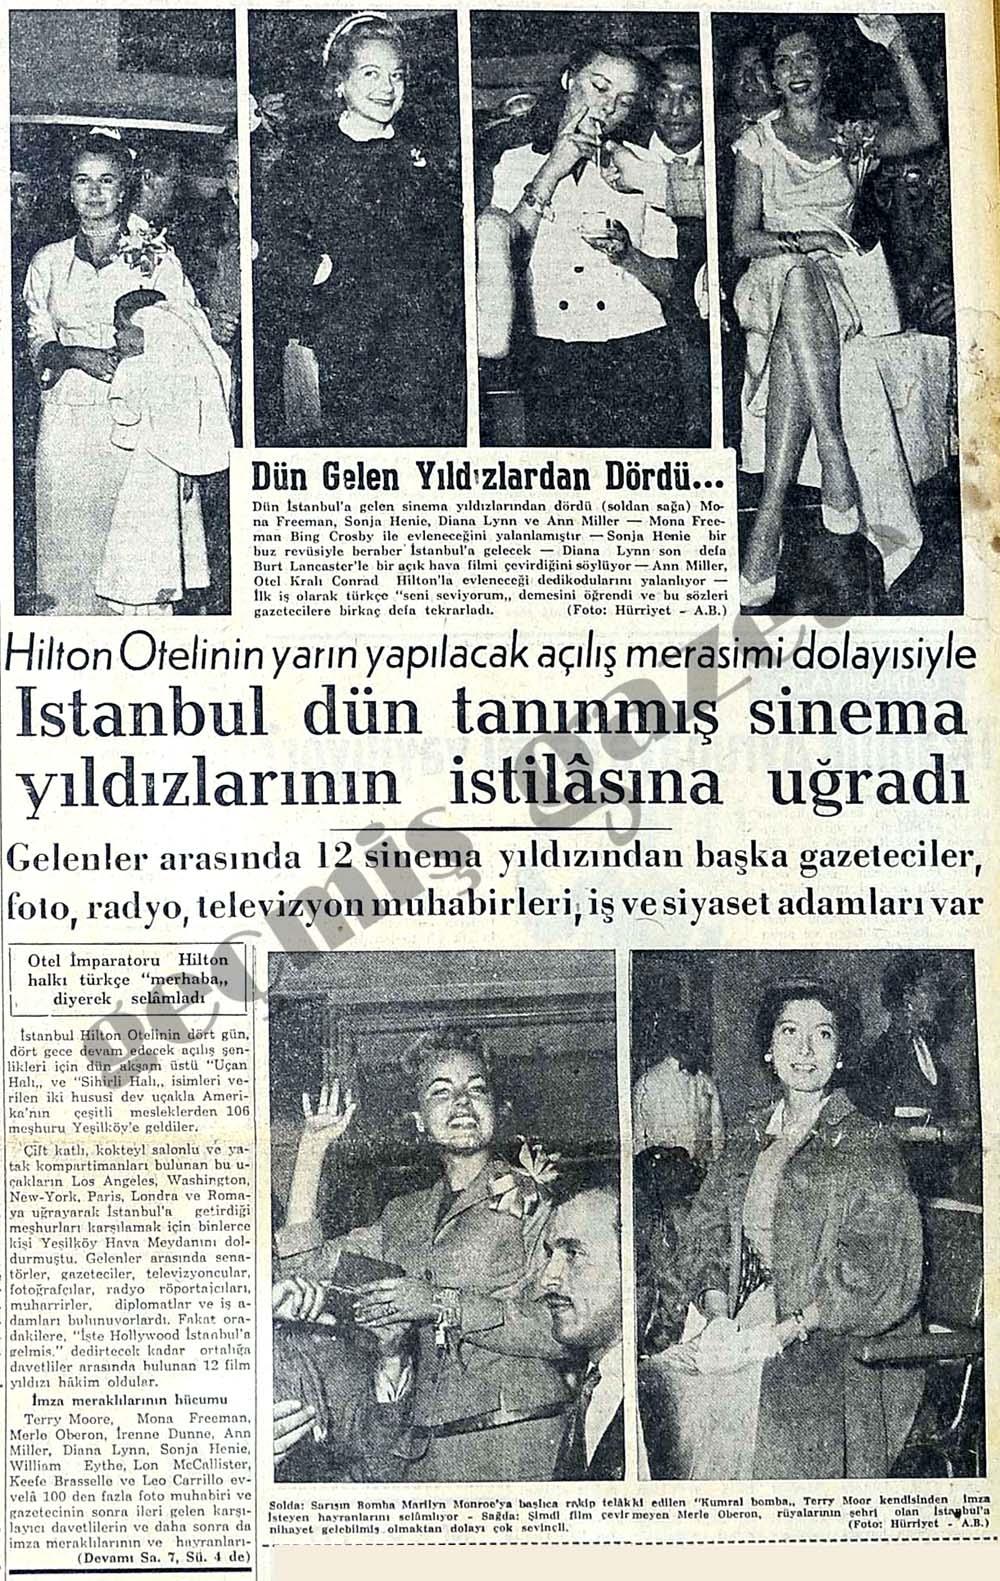 İstanbul dün tanınmış sinema yıldızlarının istilasına uğradı